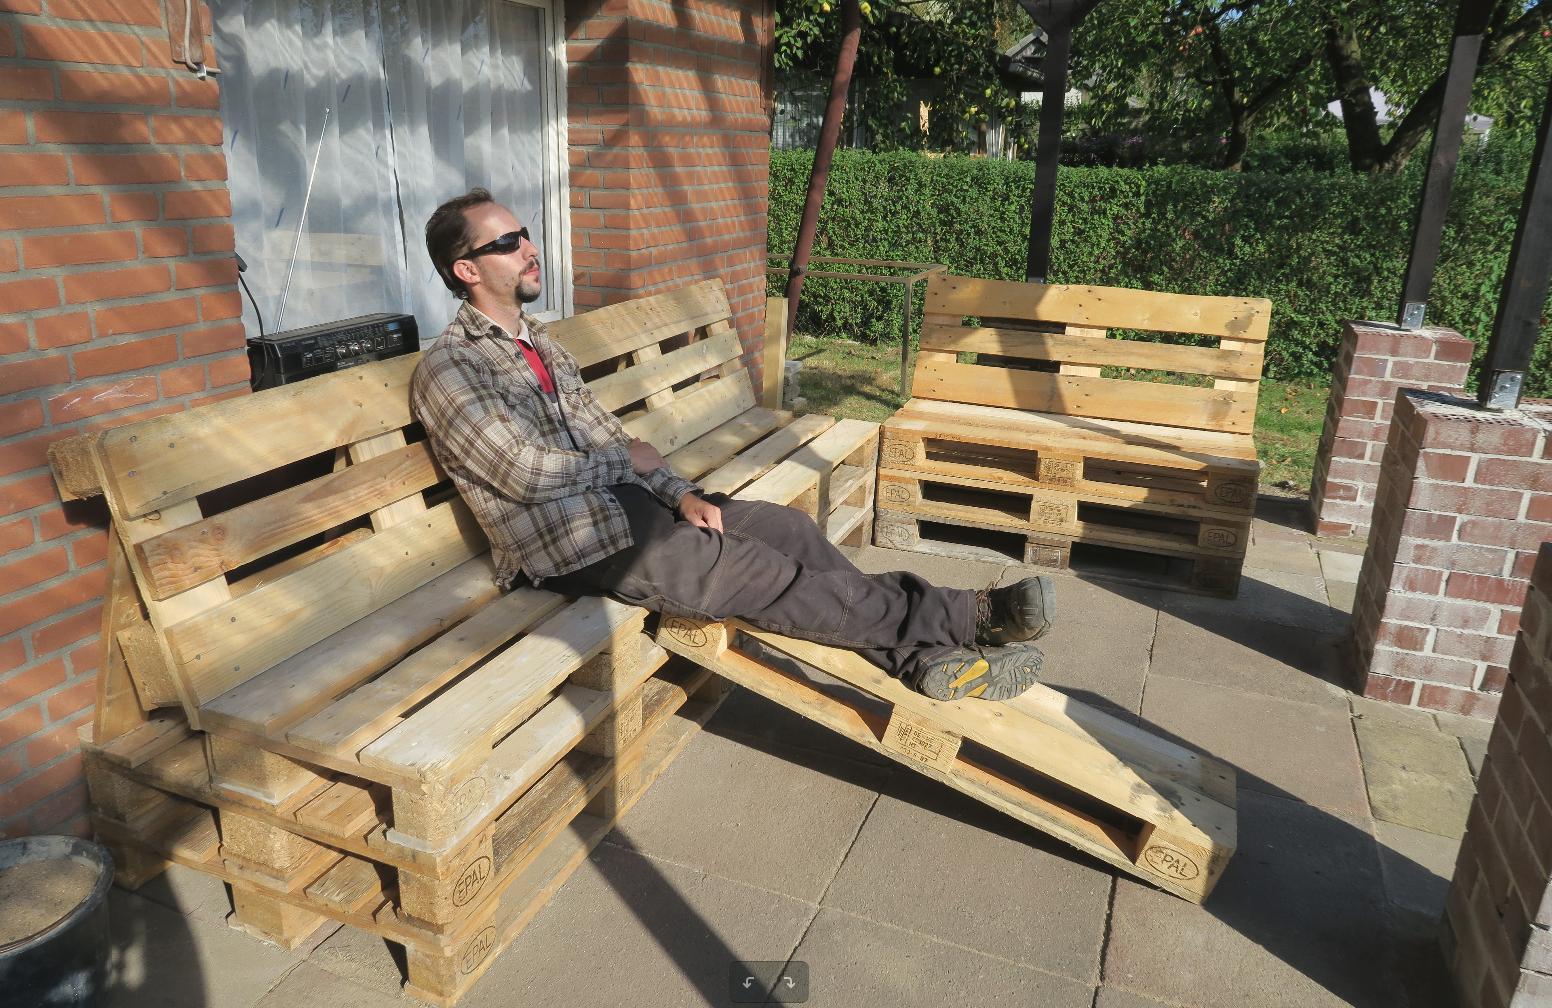 Full Size of Sofa Selber Bauen Ikea Holz Aus Paletten Anleitung Couch Matratze Mit Welches Polsterung Pdf Pommes Mn Landhaus Elektrisch Ligne Roset Grau Weiß Big Wohnzimmer Sofa Selber Bauen